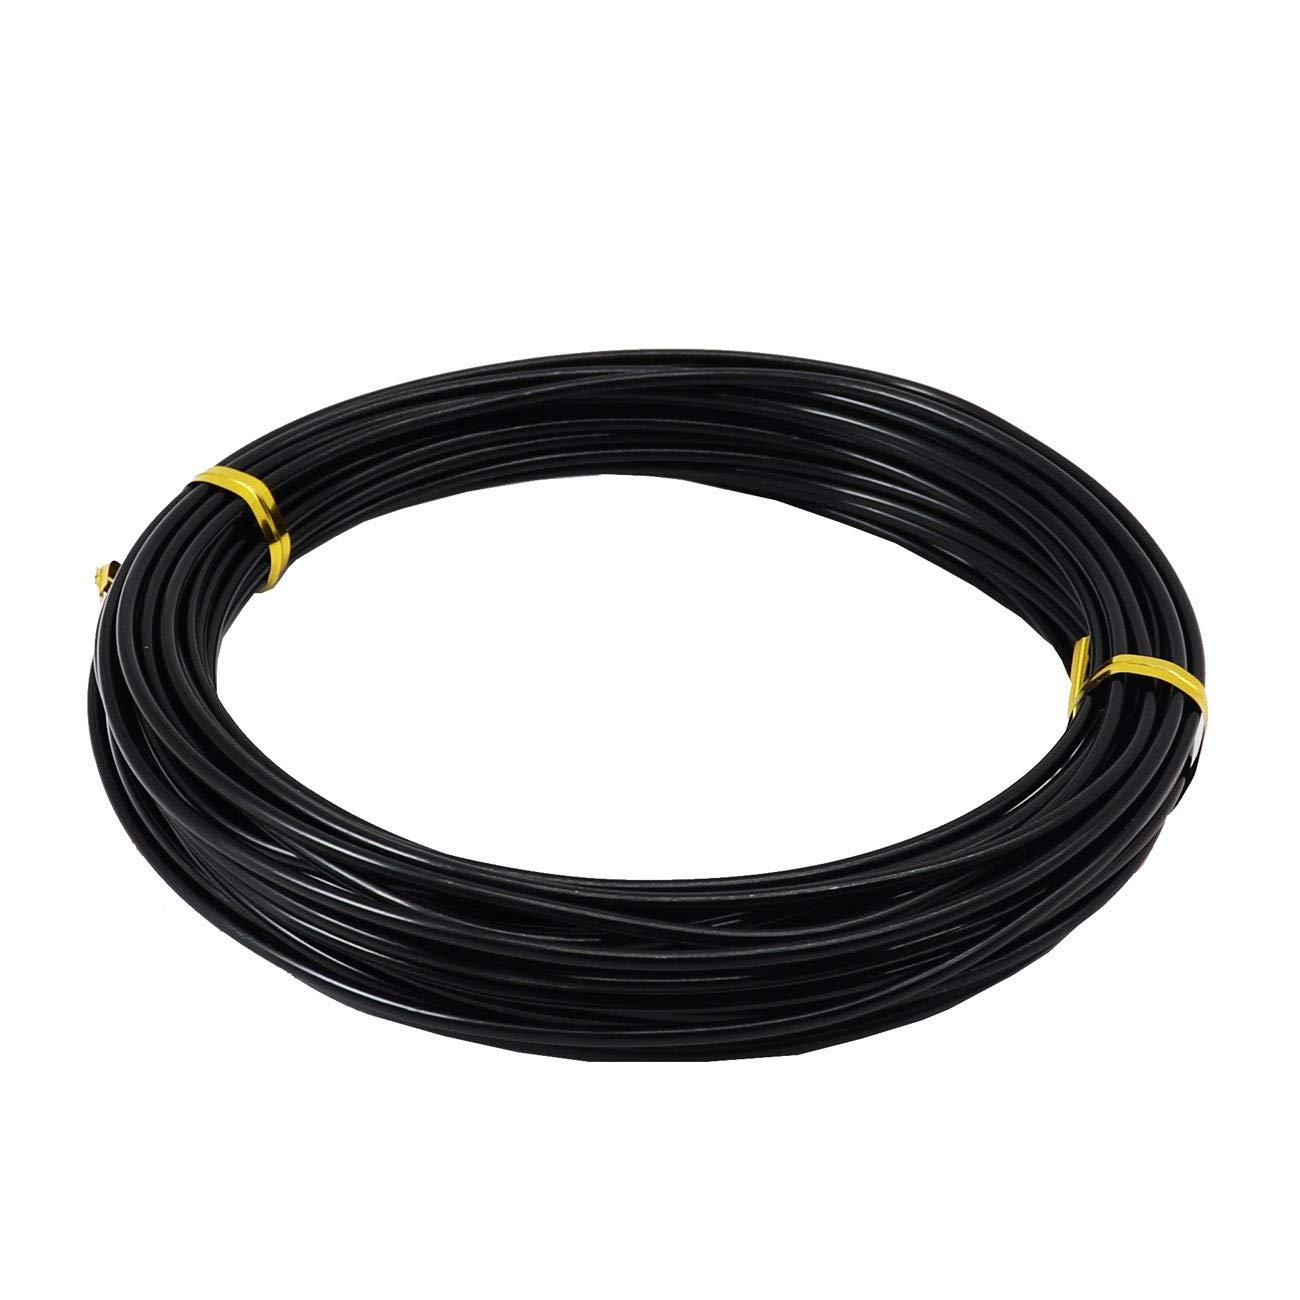 2,0 mm 10 m, alambre de plata para hacer joyas, escultura de bricolaje, modelado y manualidades Rollos de alambre de aluminio KuTi Kai negro.